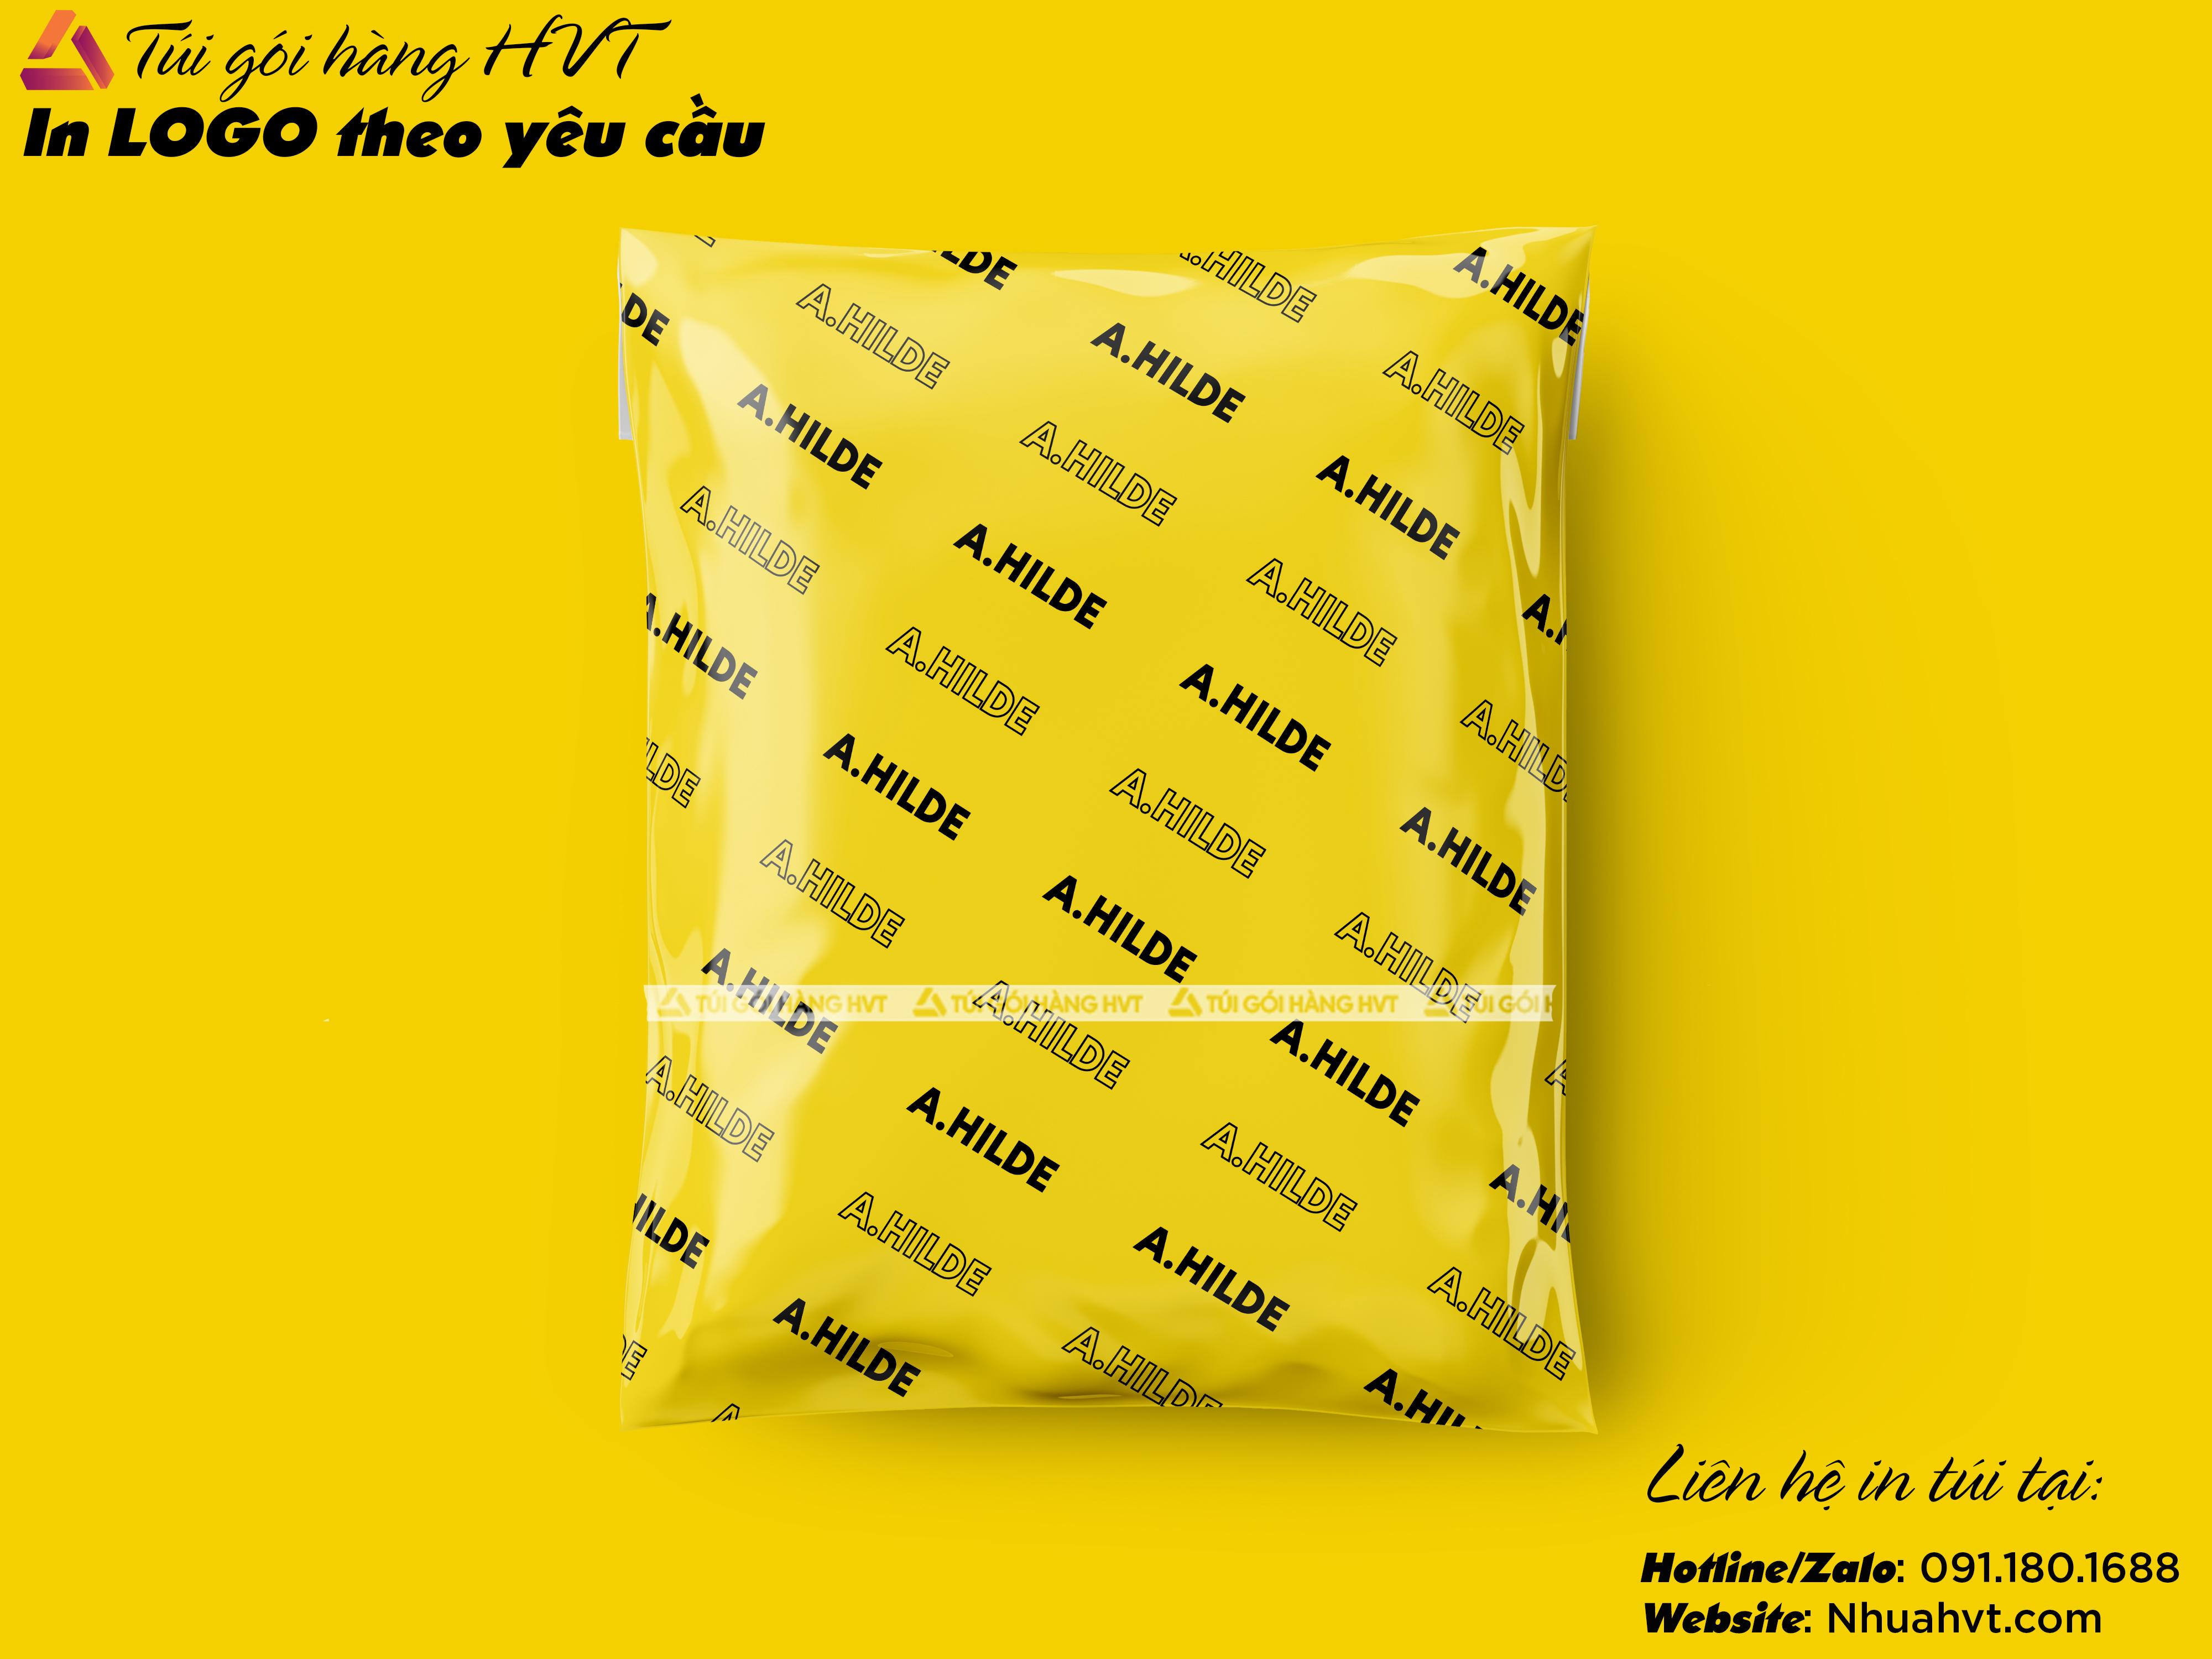 Túi gói hàng màu vàng size 45*60 in logo thương hiệu